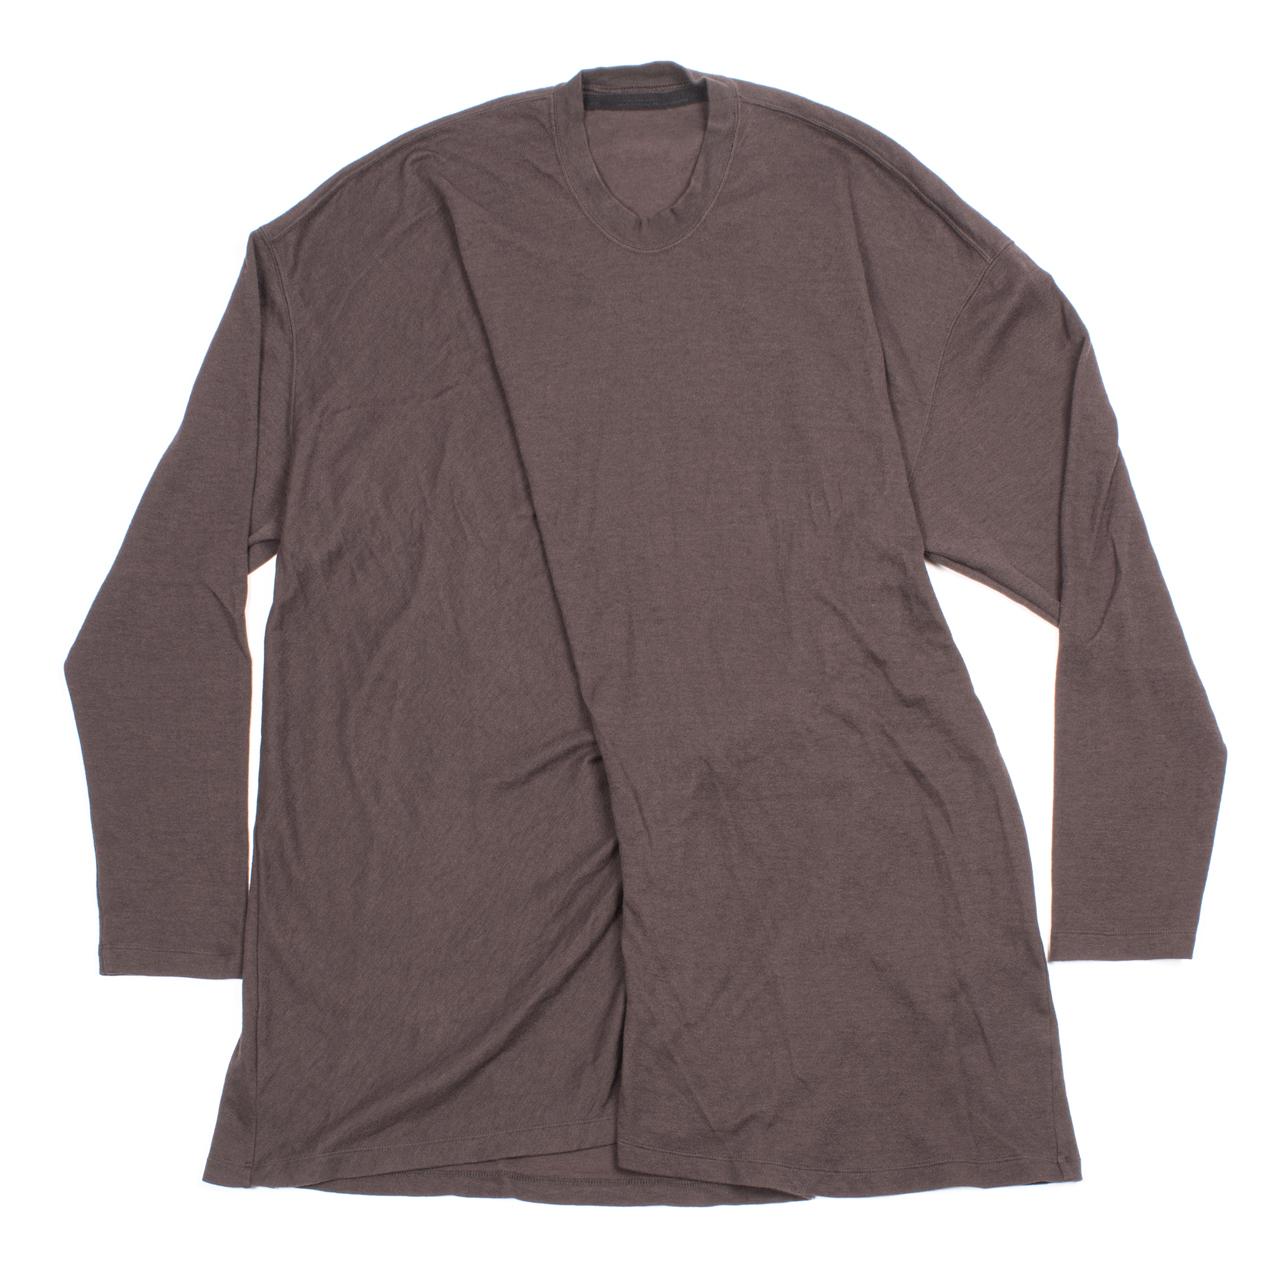 717CUM6-DARK BROWN / ドレープロングスリーブTシャツ